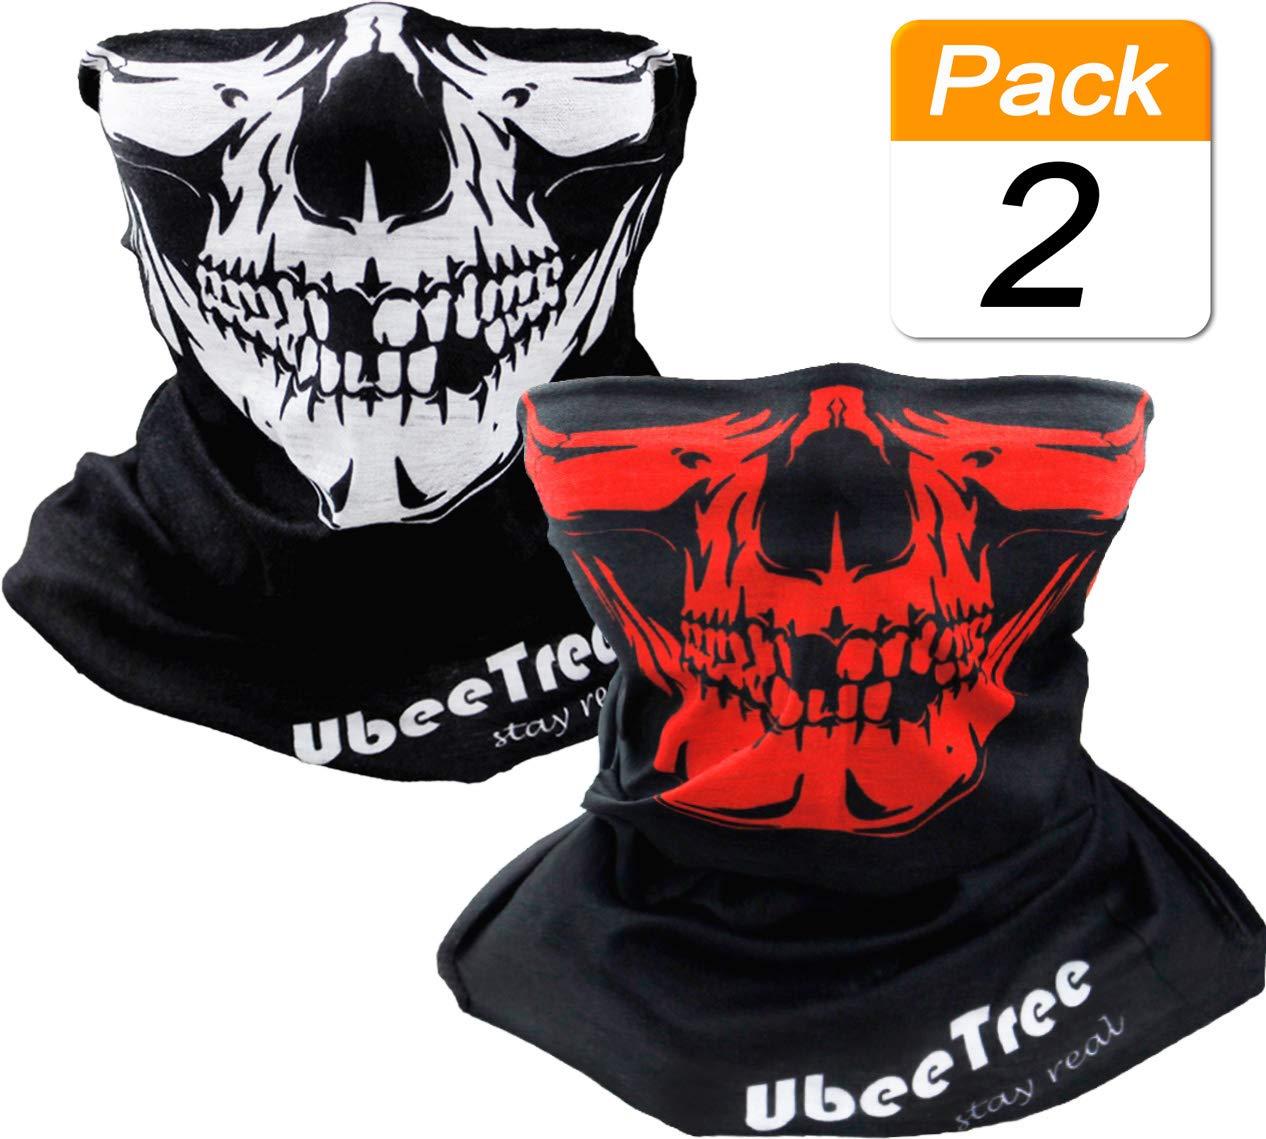 2 Packs Safety Reflective Riding Skull Face Mask Bandana Fishing Neck Gaiter Sun UV Dust Protection Windproof Ski Face Cover UbeeTree